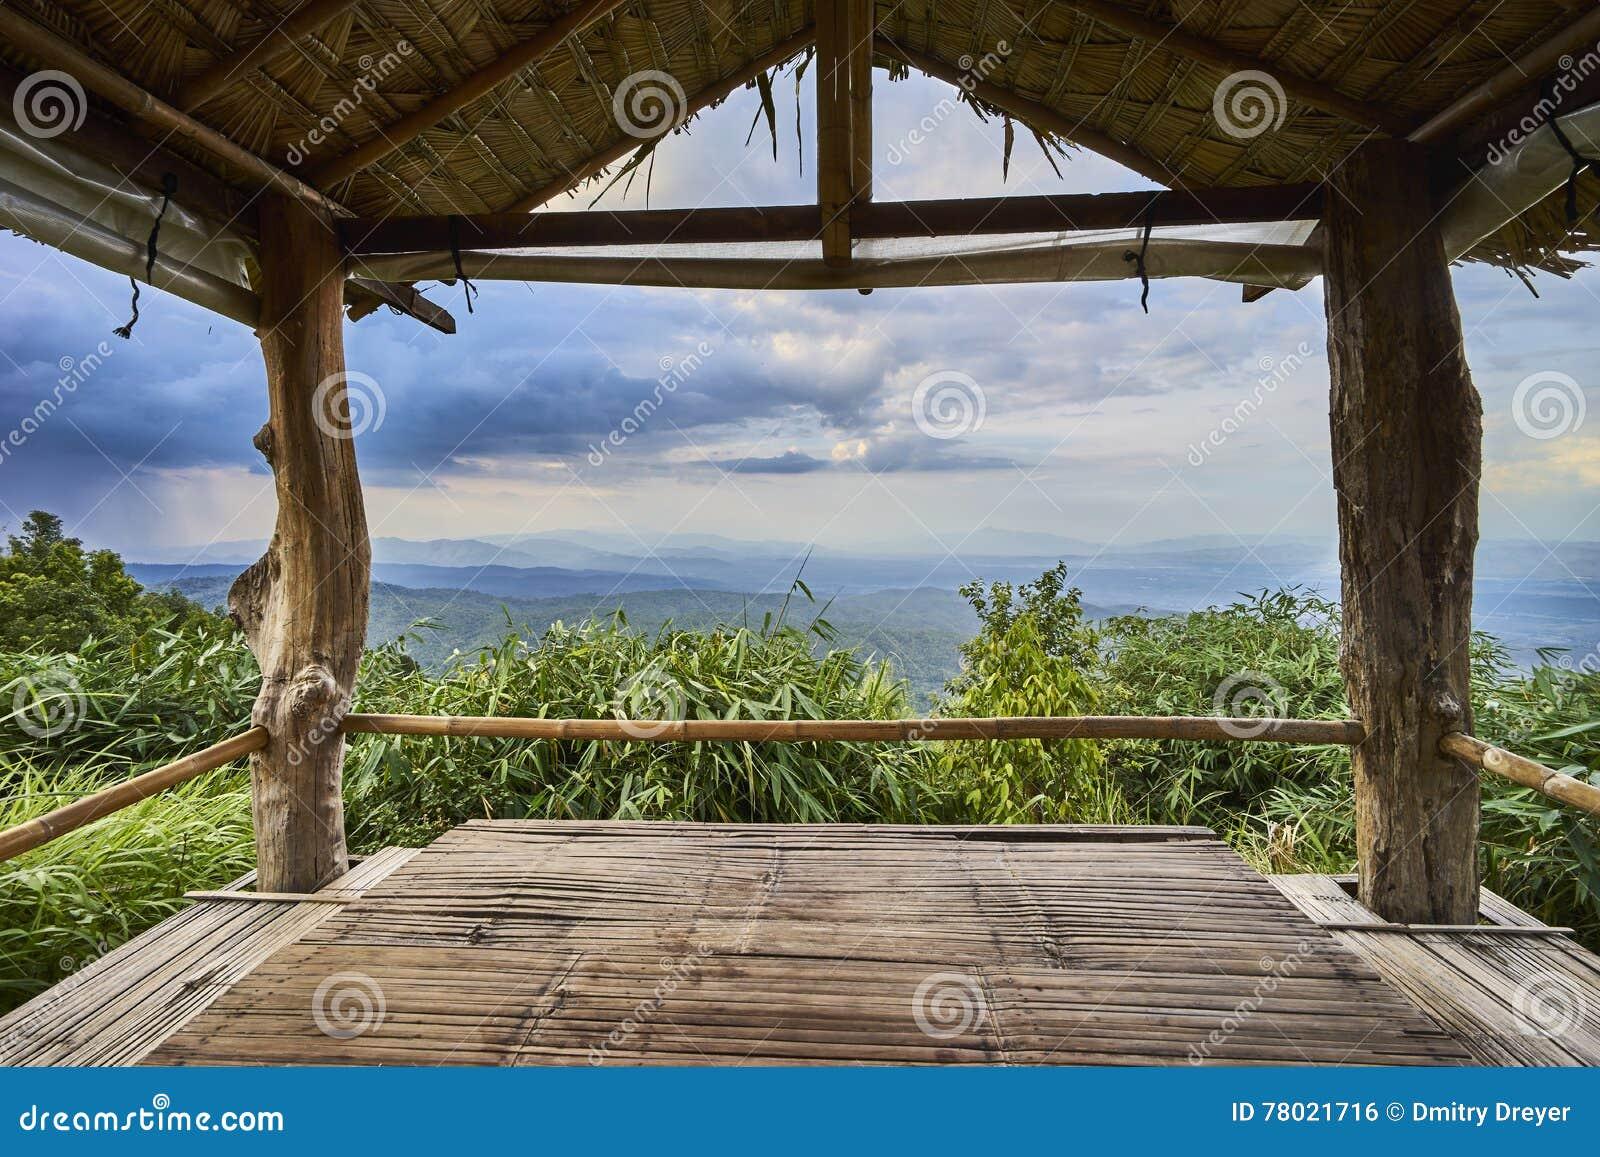 Bergblick durch Gazebo